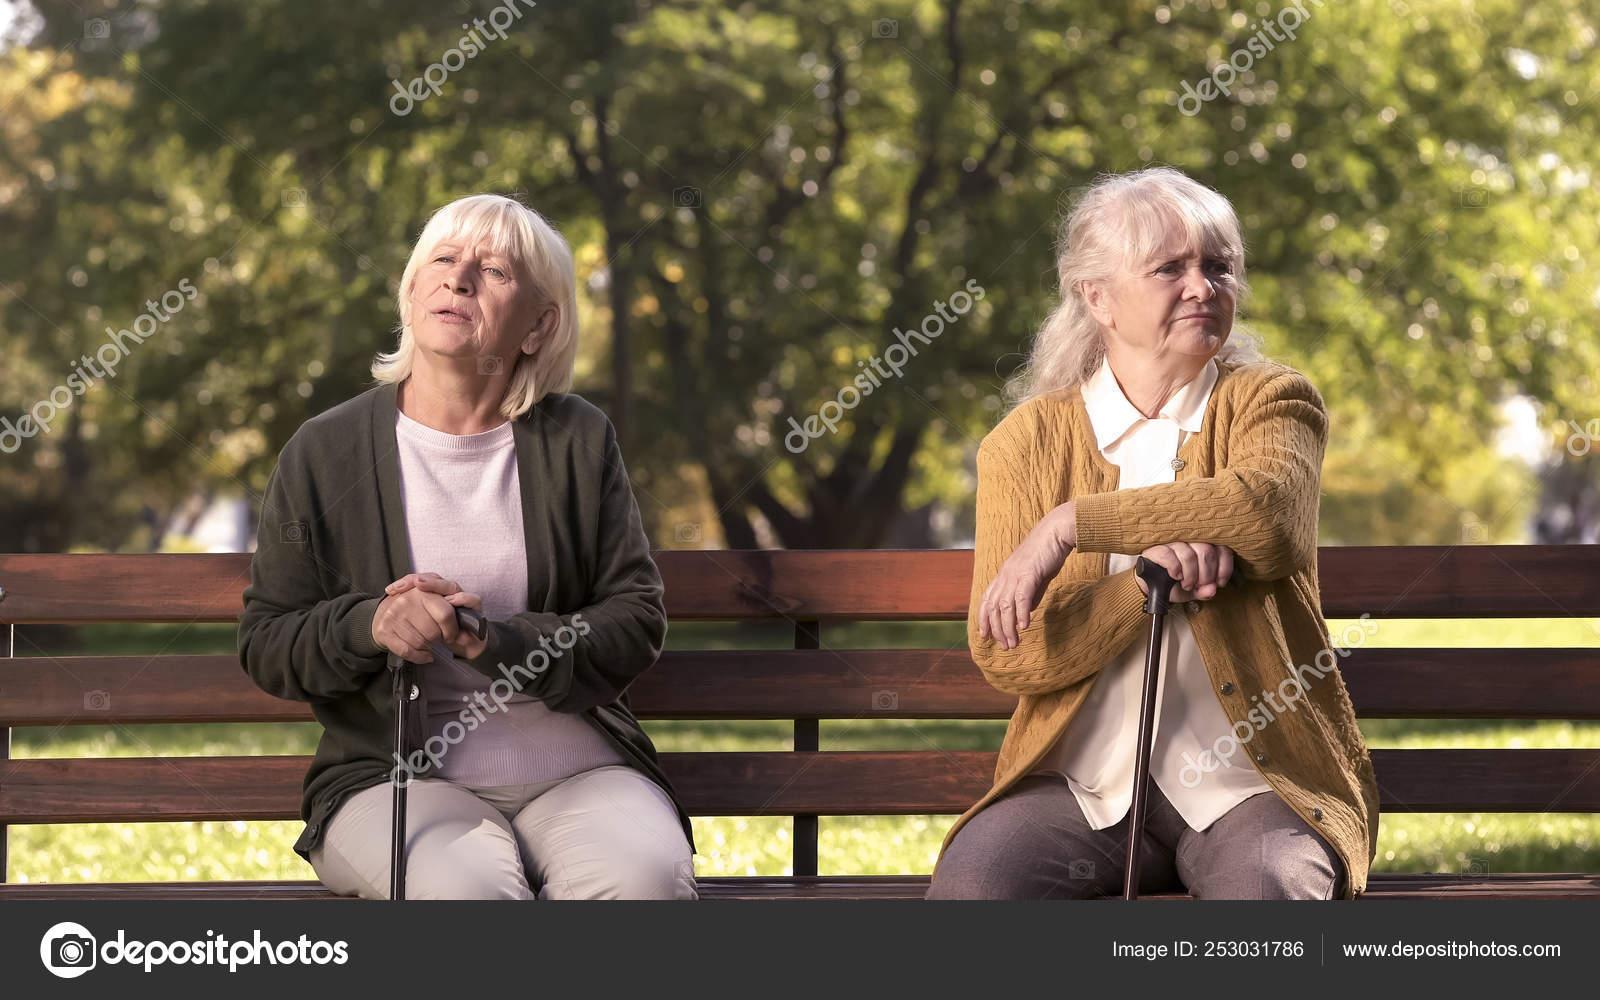 Abuelas Maduras maduras sentadas por separado banco parque amigos